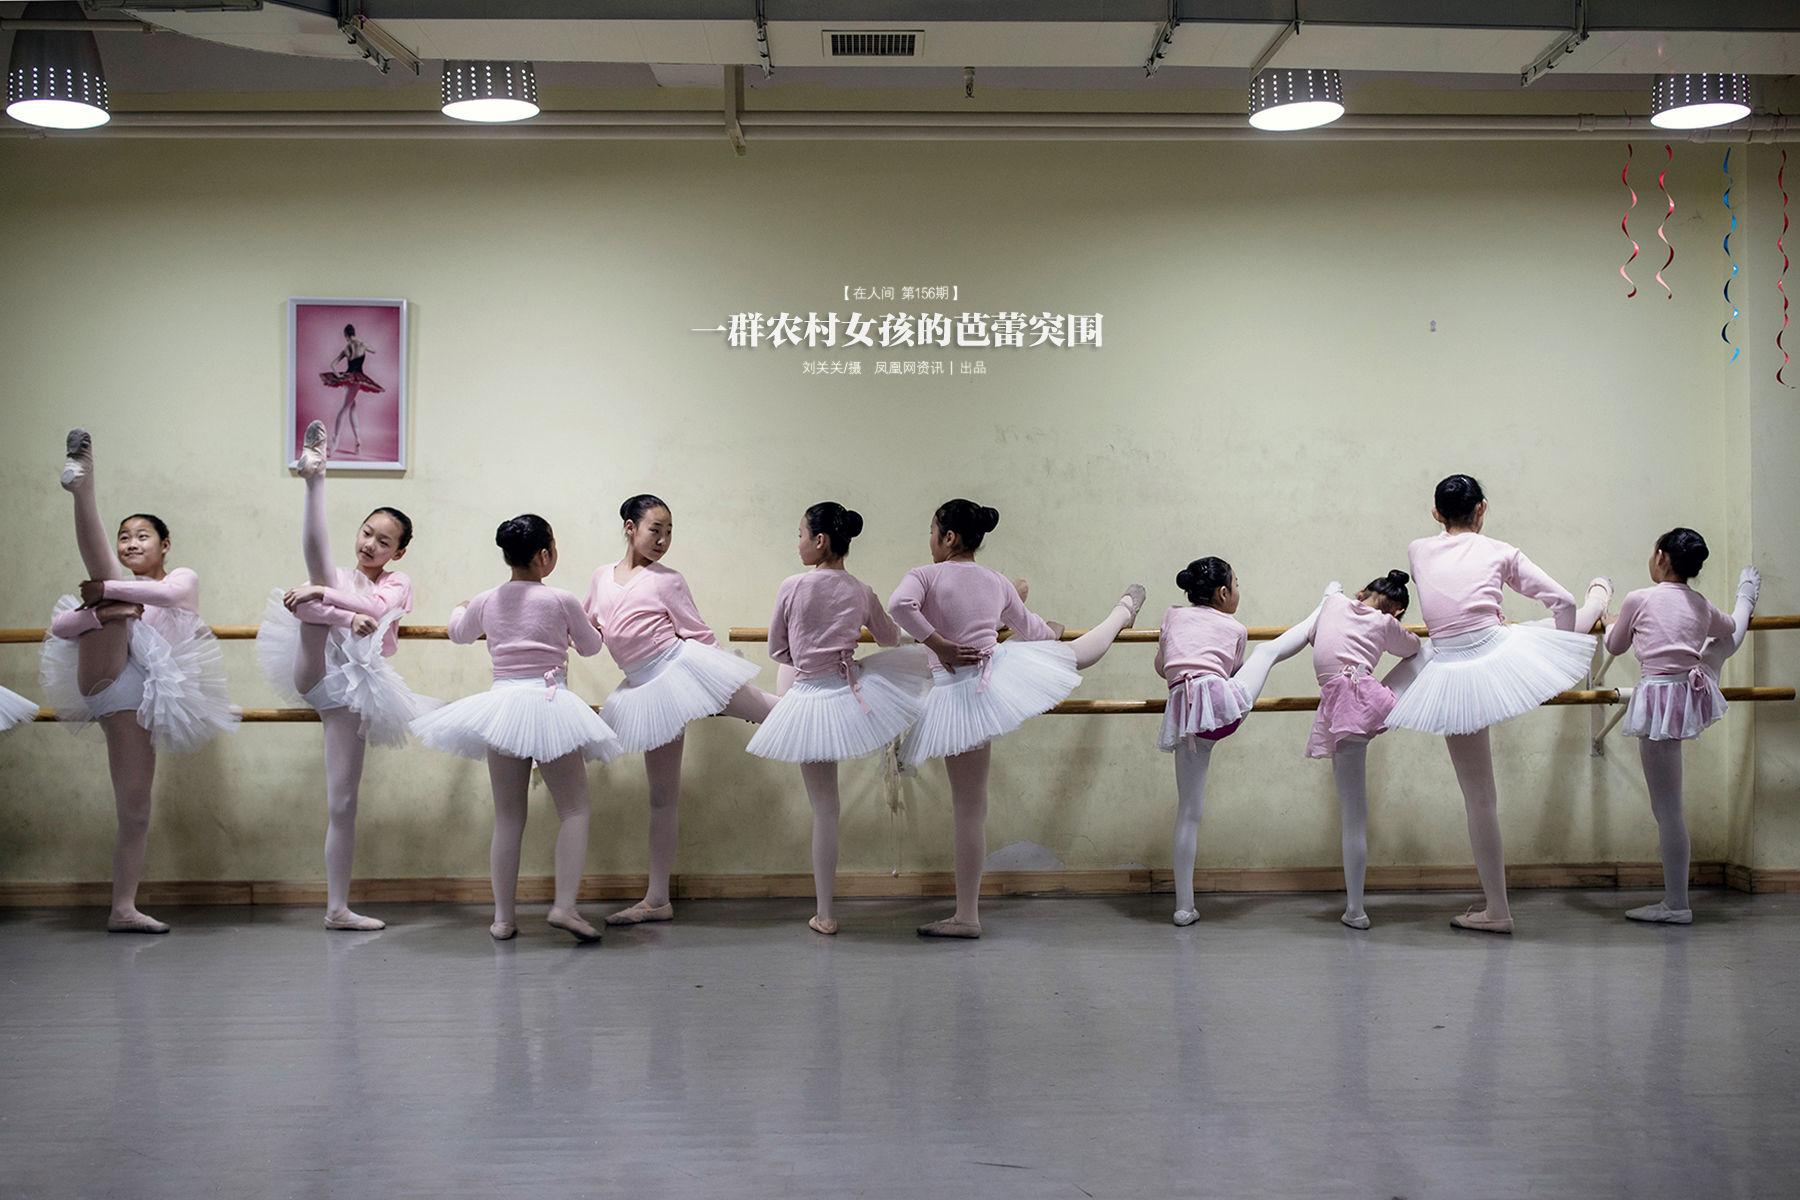 在人间第156期:一群农村女孩的芭蕾突围